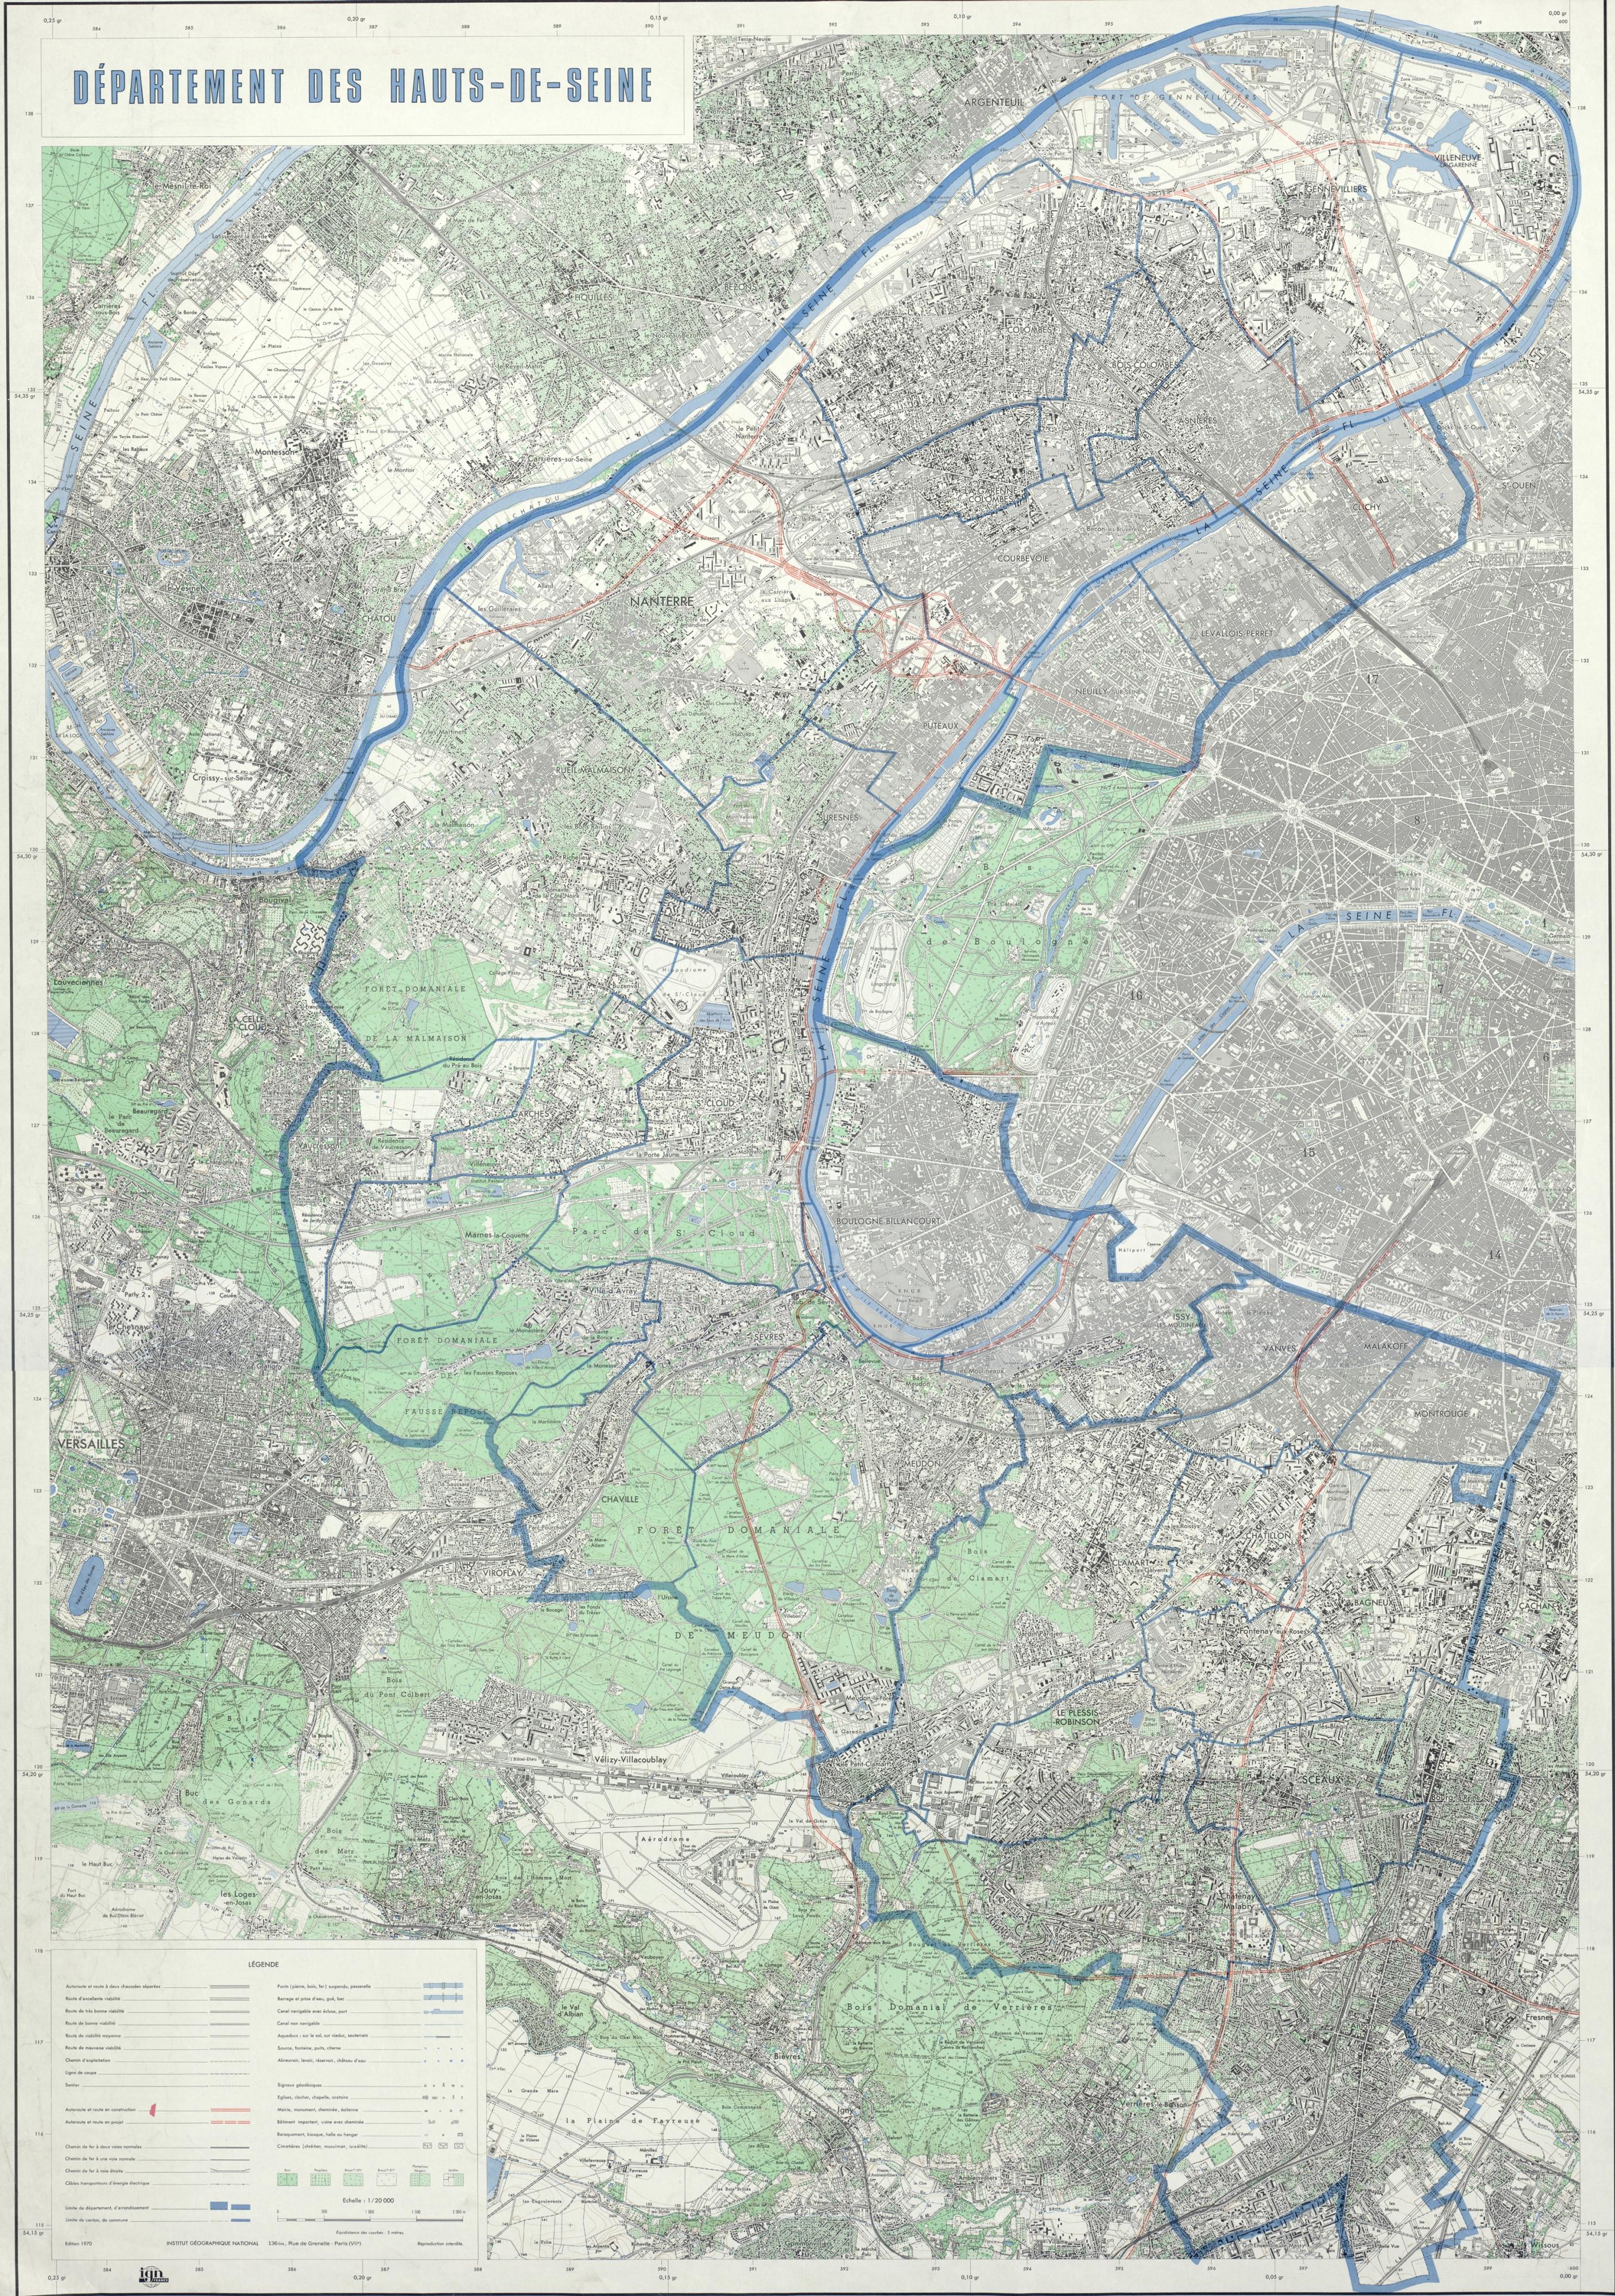 Carte des Hauts de Seine en 1970.